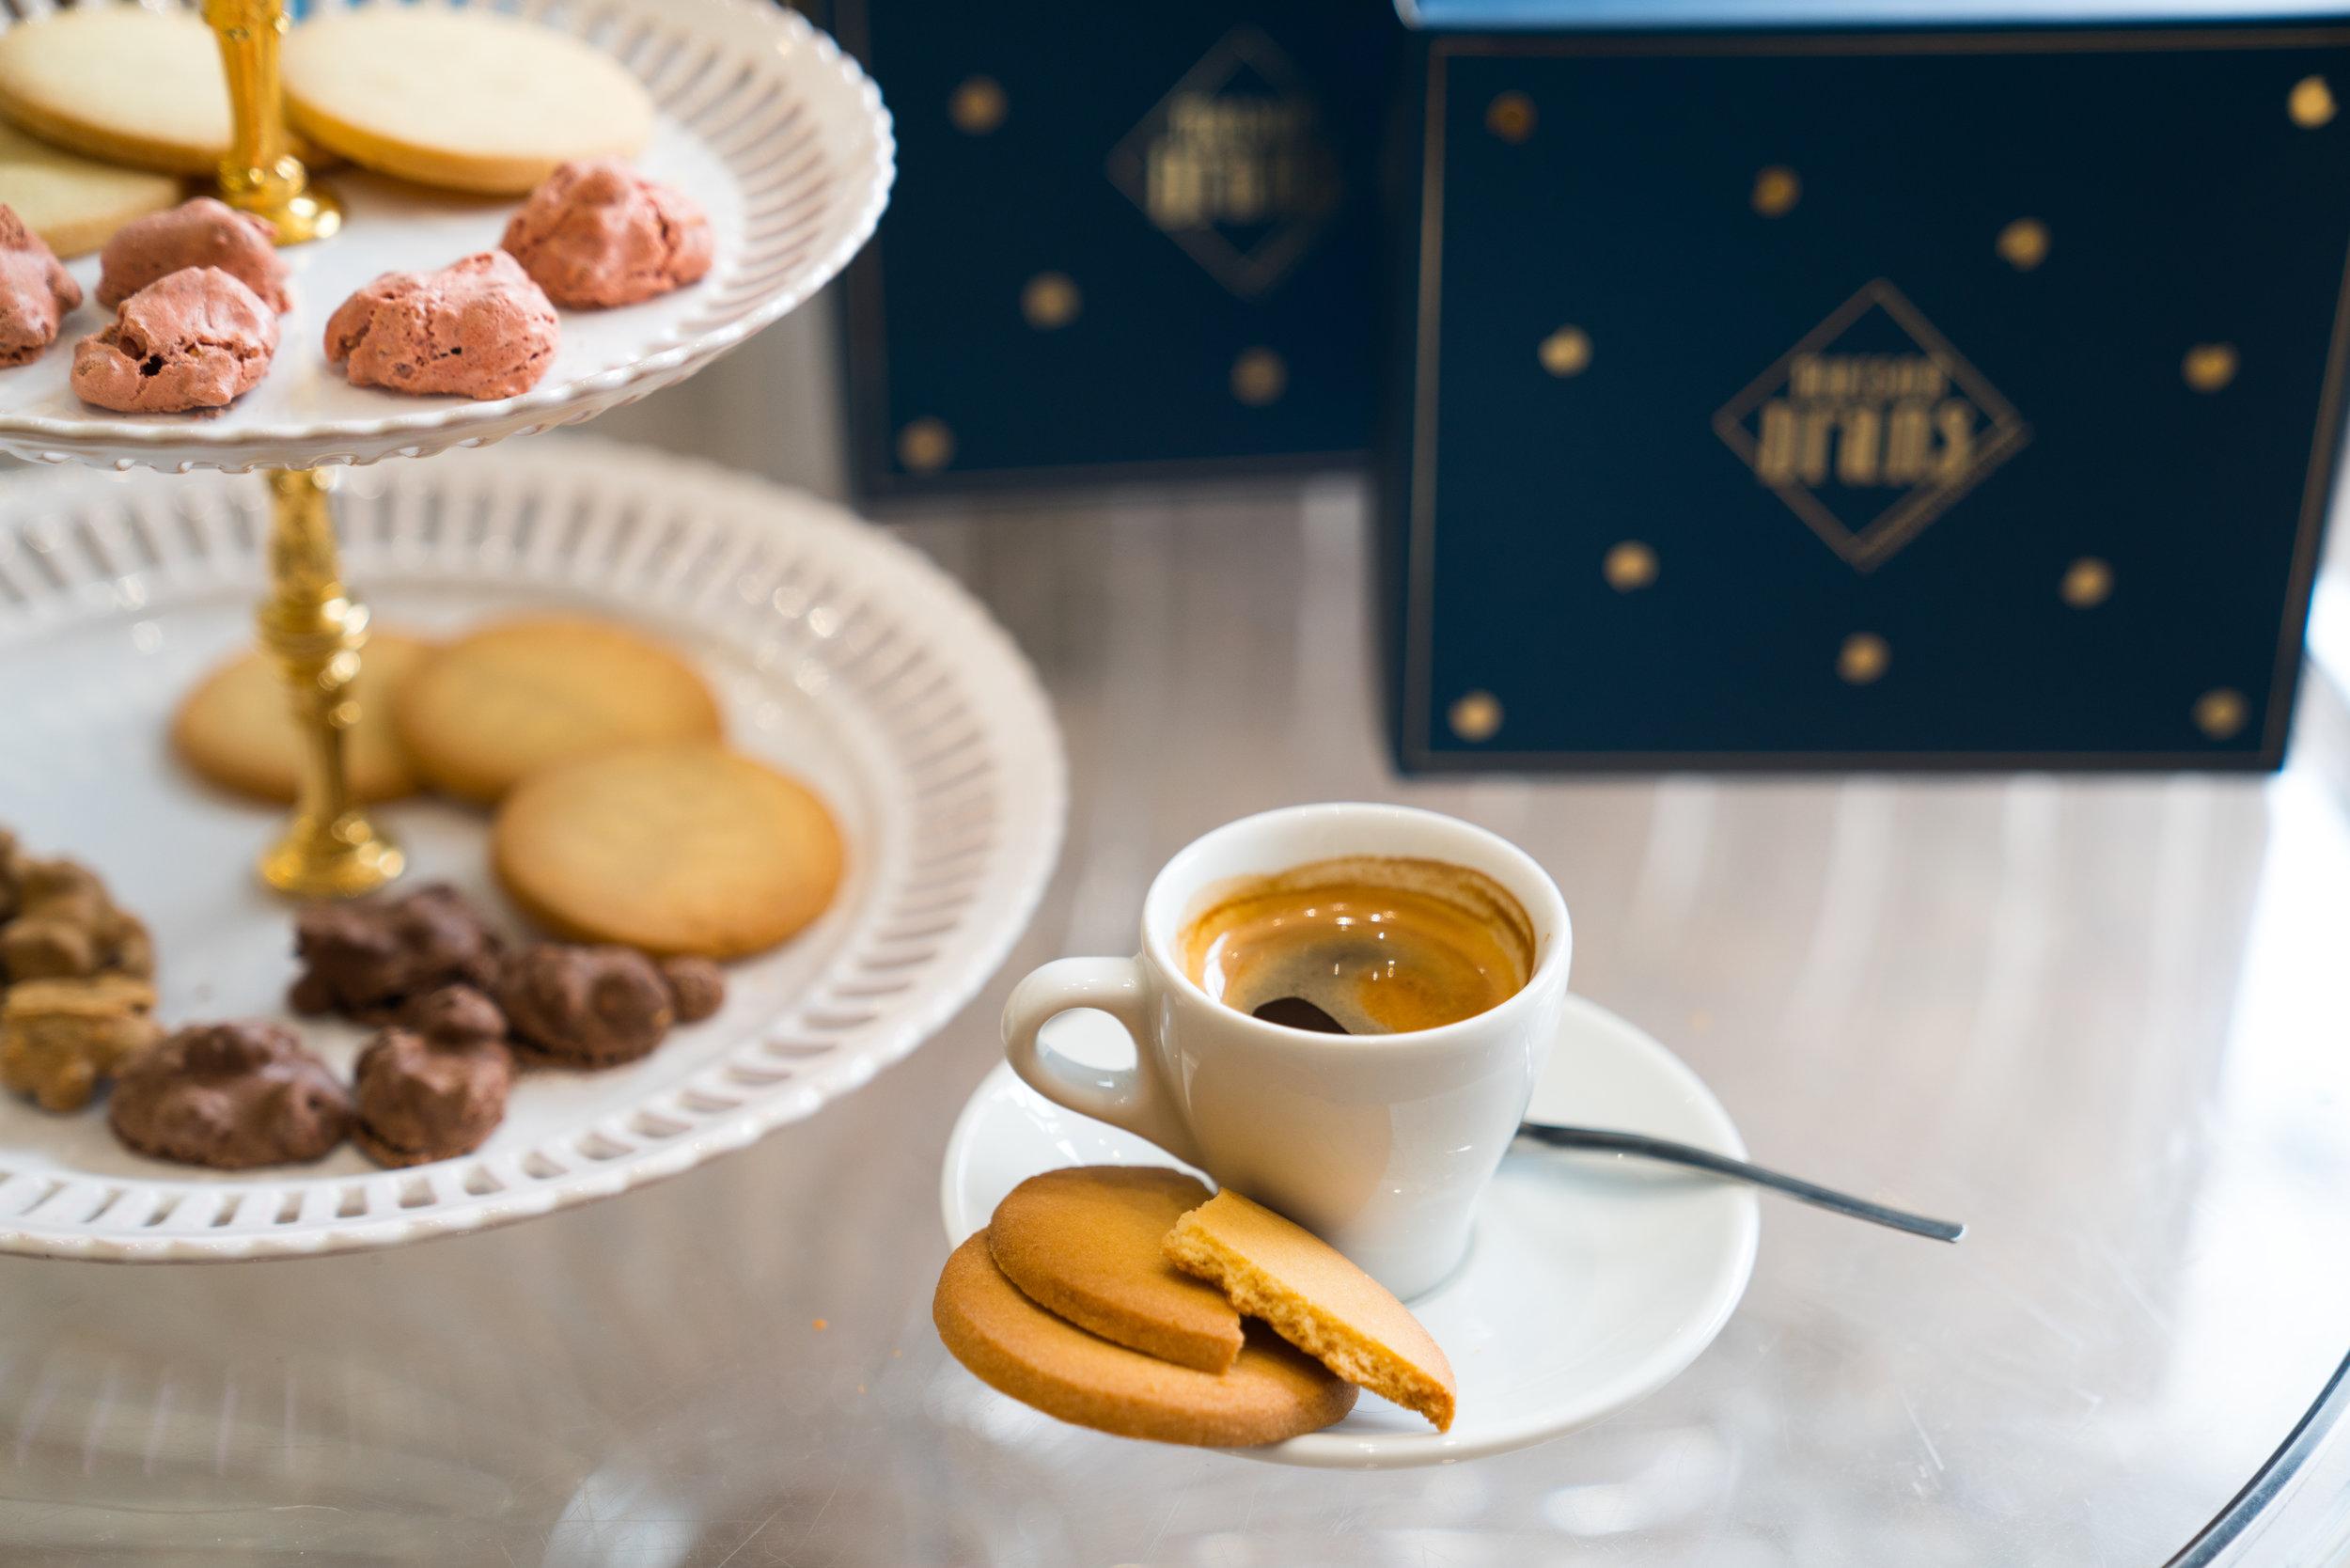 Coffret Dégustation - Ce coffret vous permettra de déguster chaque recette de la Maison Drans : sablé natures, croq'amour café, tuiles aux amandes chocolat…8 sachets petits formats33,90€ - 550G